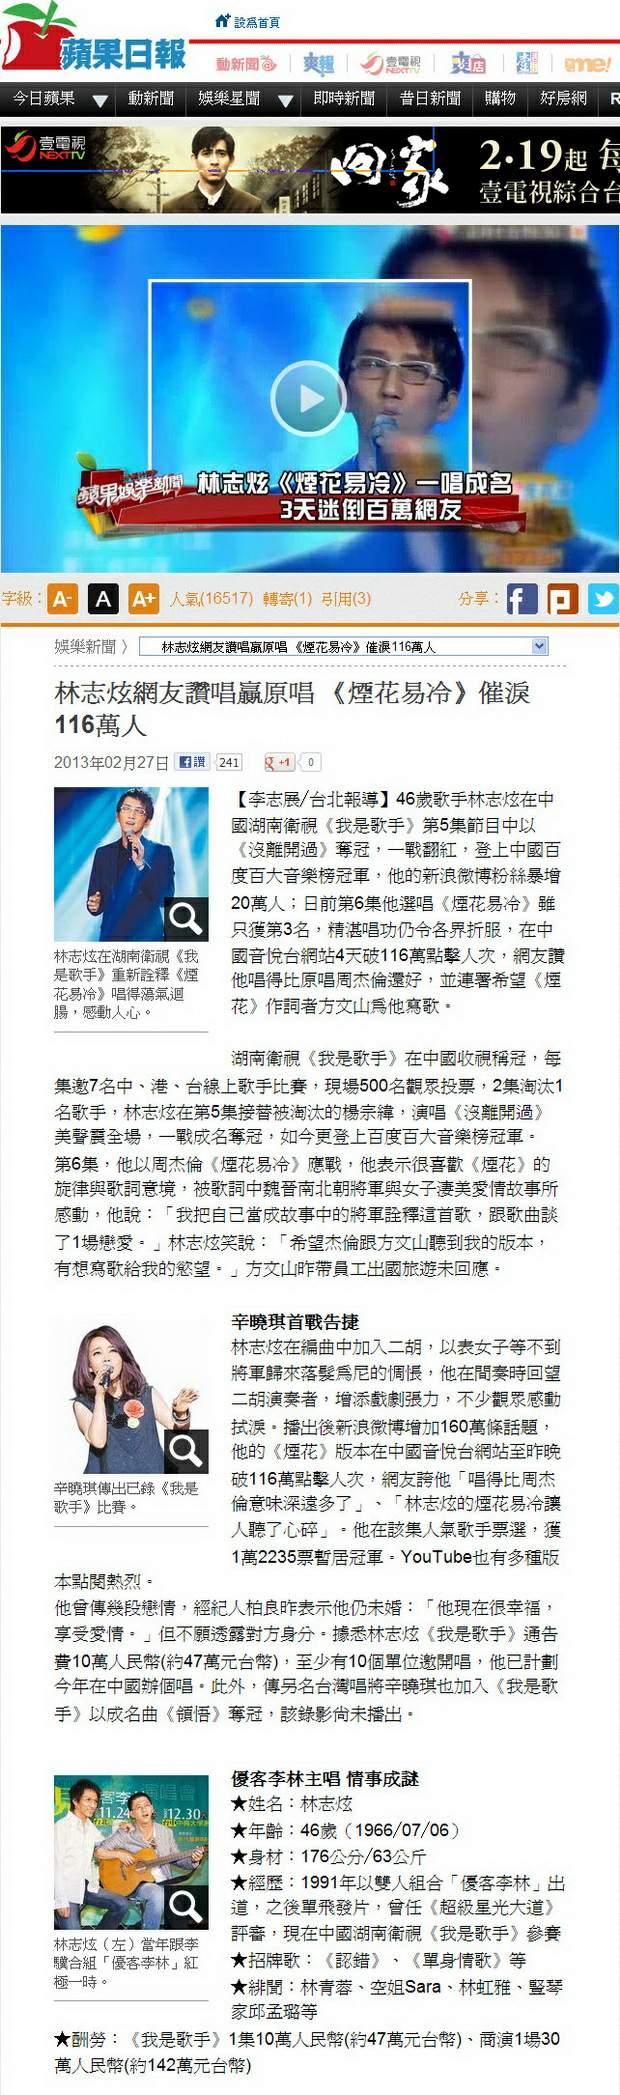 林志炫網友讚唱贏原唱 《煙花易冷》催淚116萬人-2013.02.27